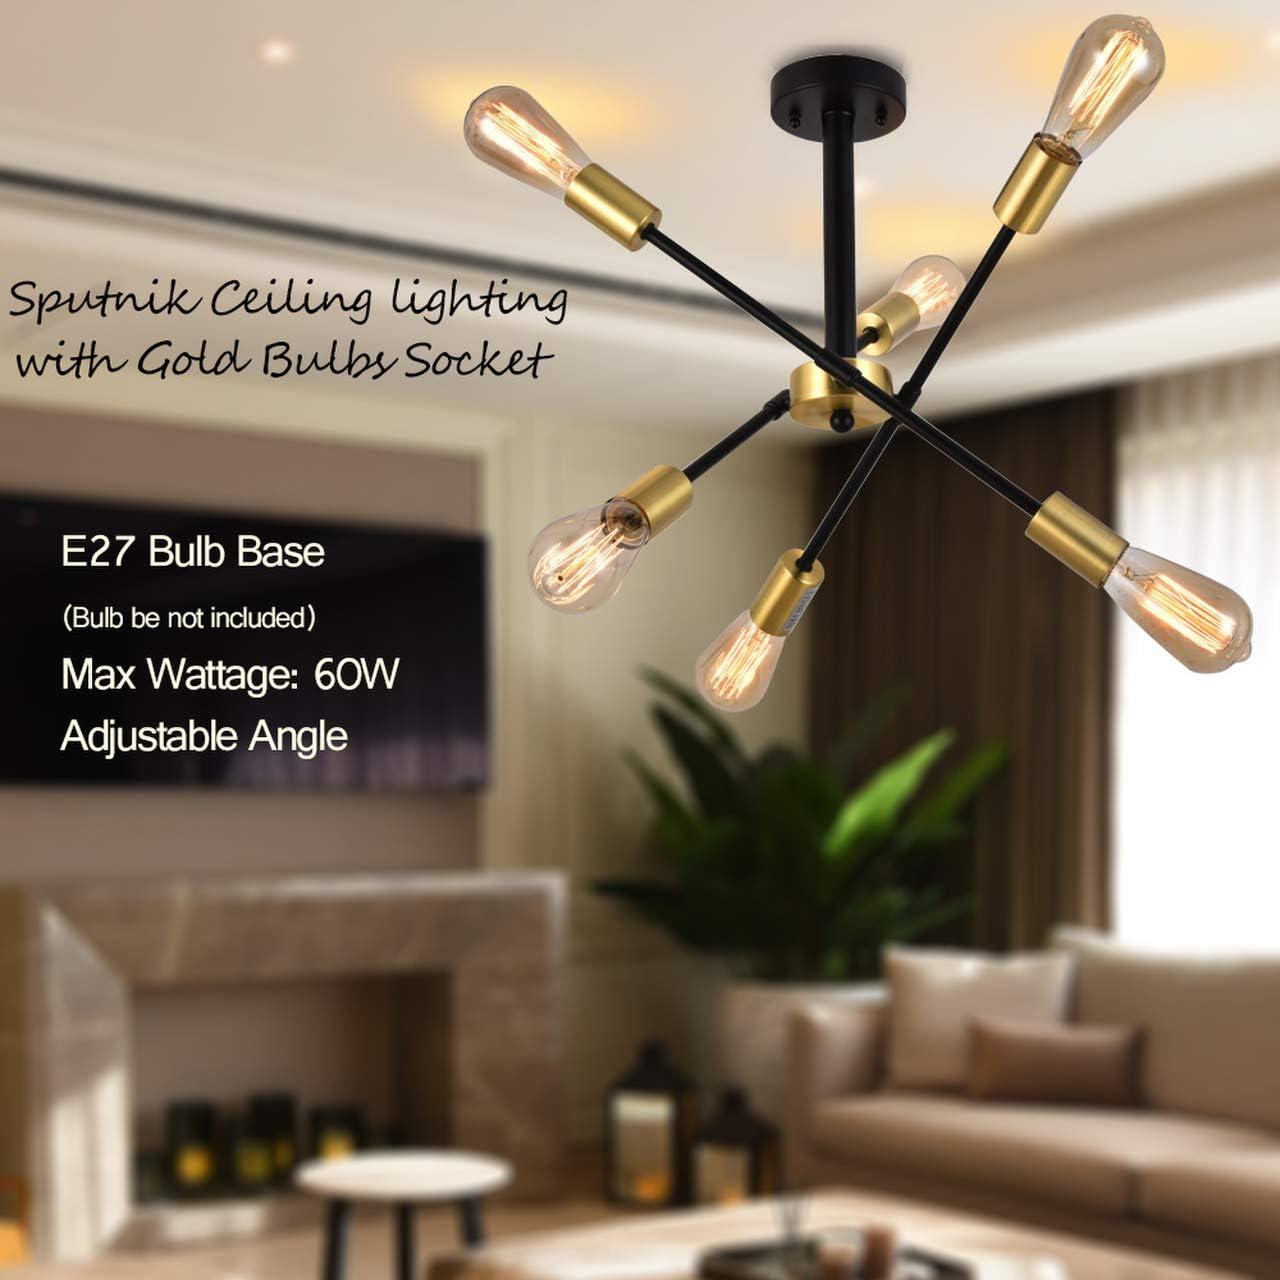 SEVETILKA Modern Black Large Sputnik Lighting 3 Adjustable Arm Metal Chandelier E27 Semi-Flush Hanging Pendant Ceiling Light with Golden Socket for Living Room Bedroom